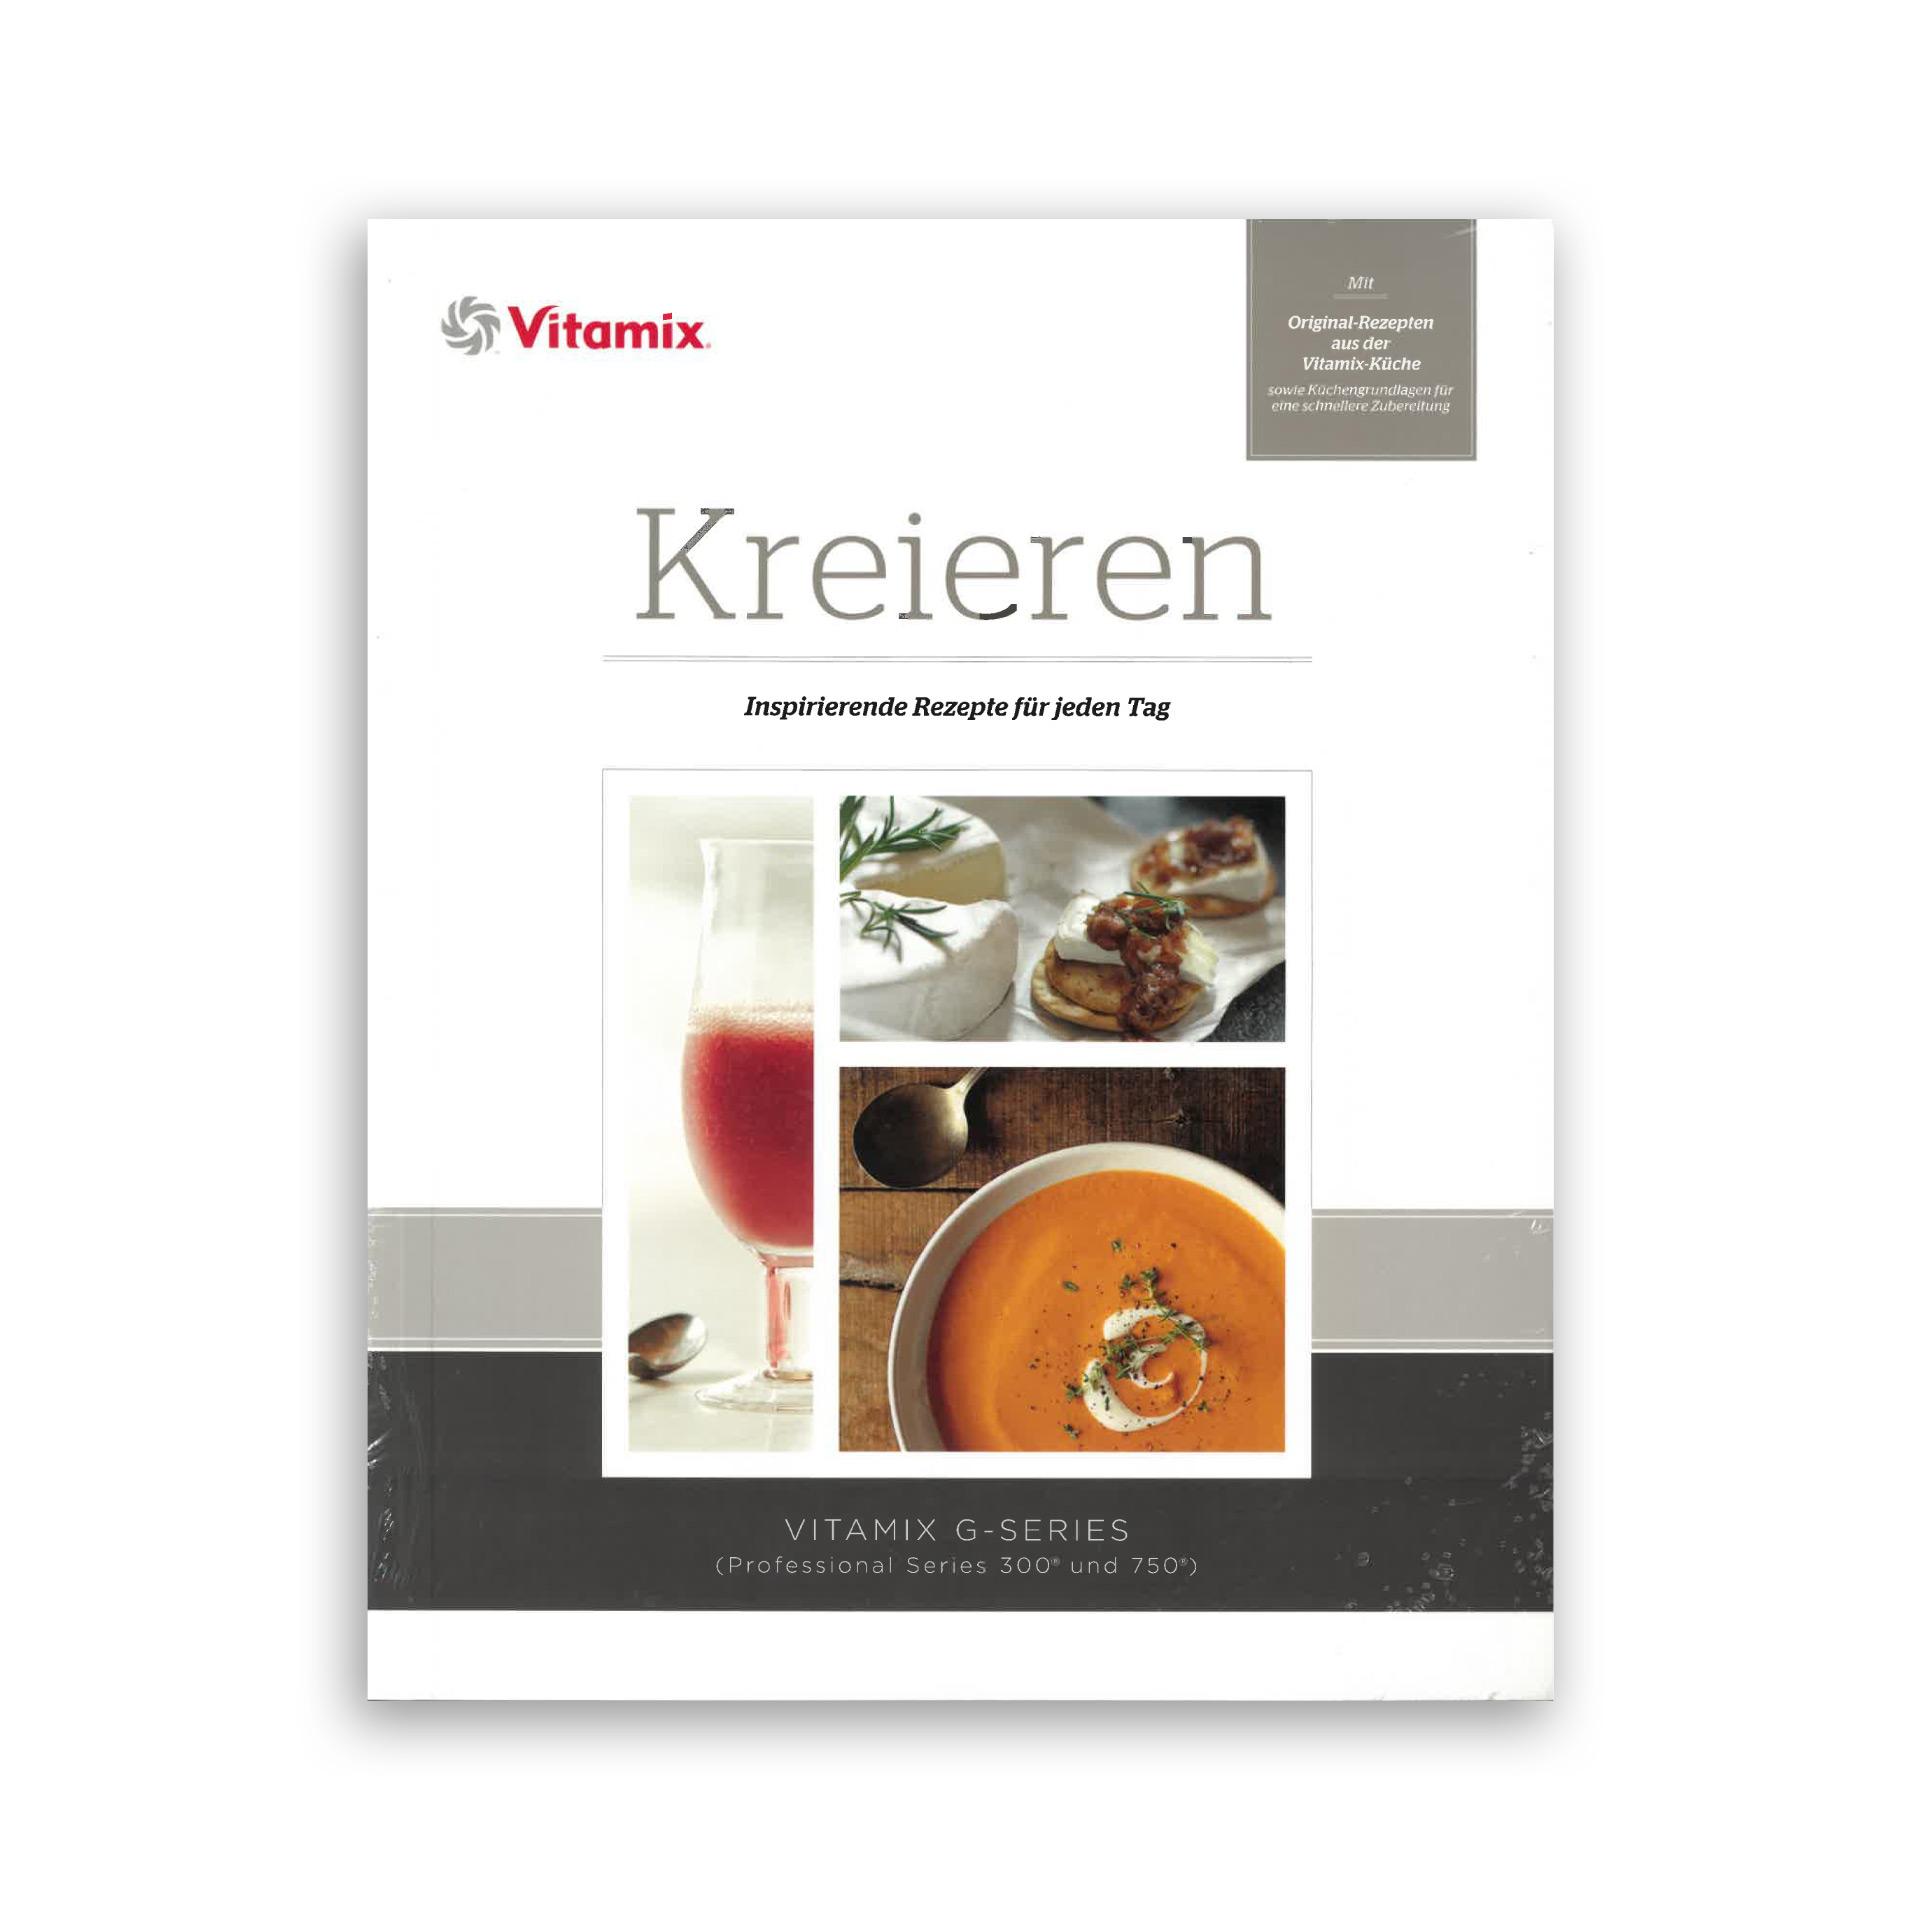 Vitamix Kreieren Kochbuch